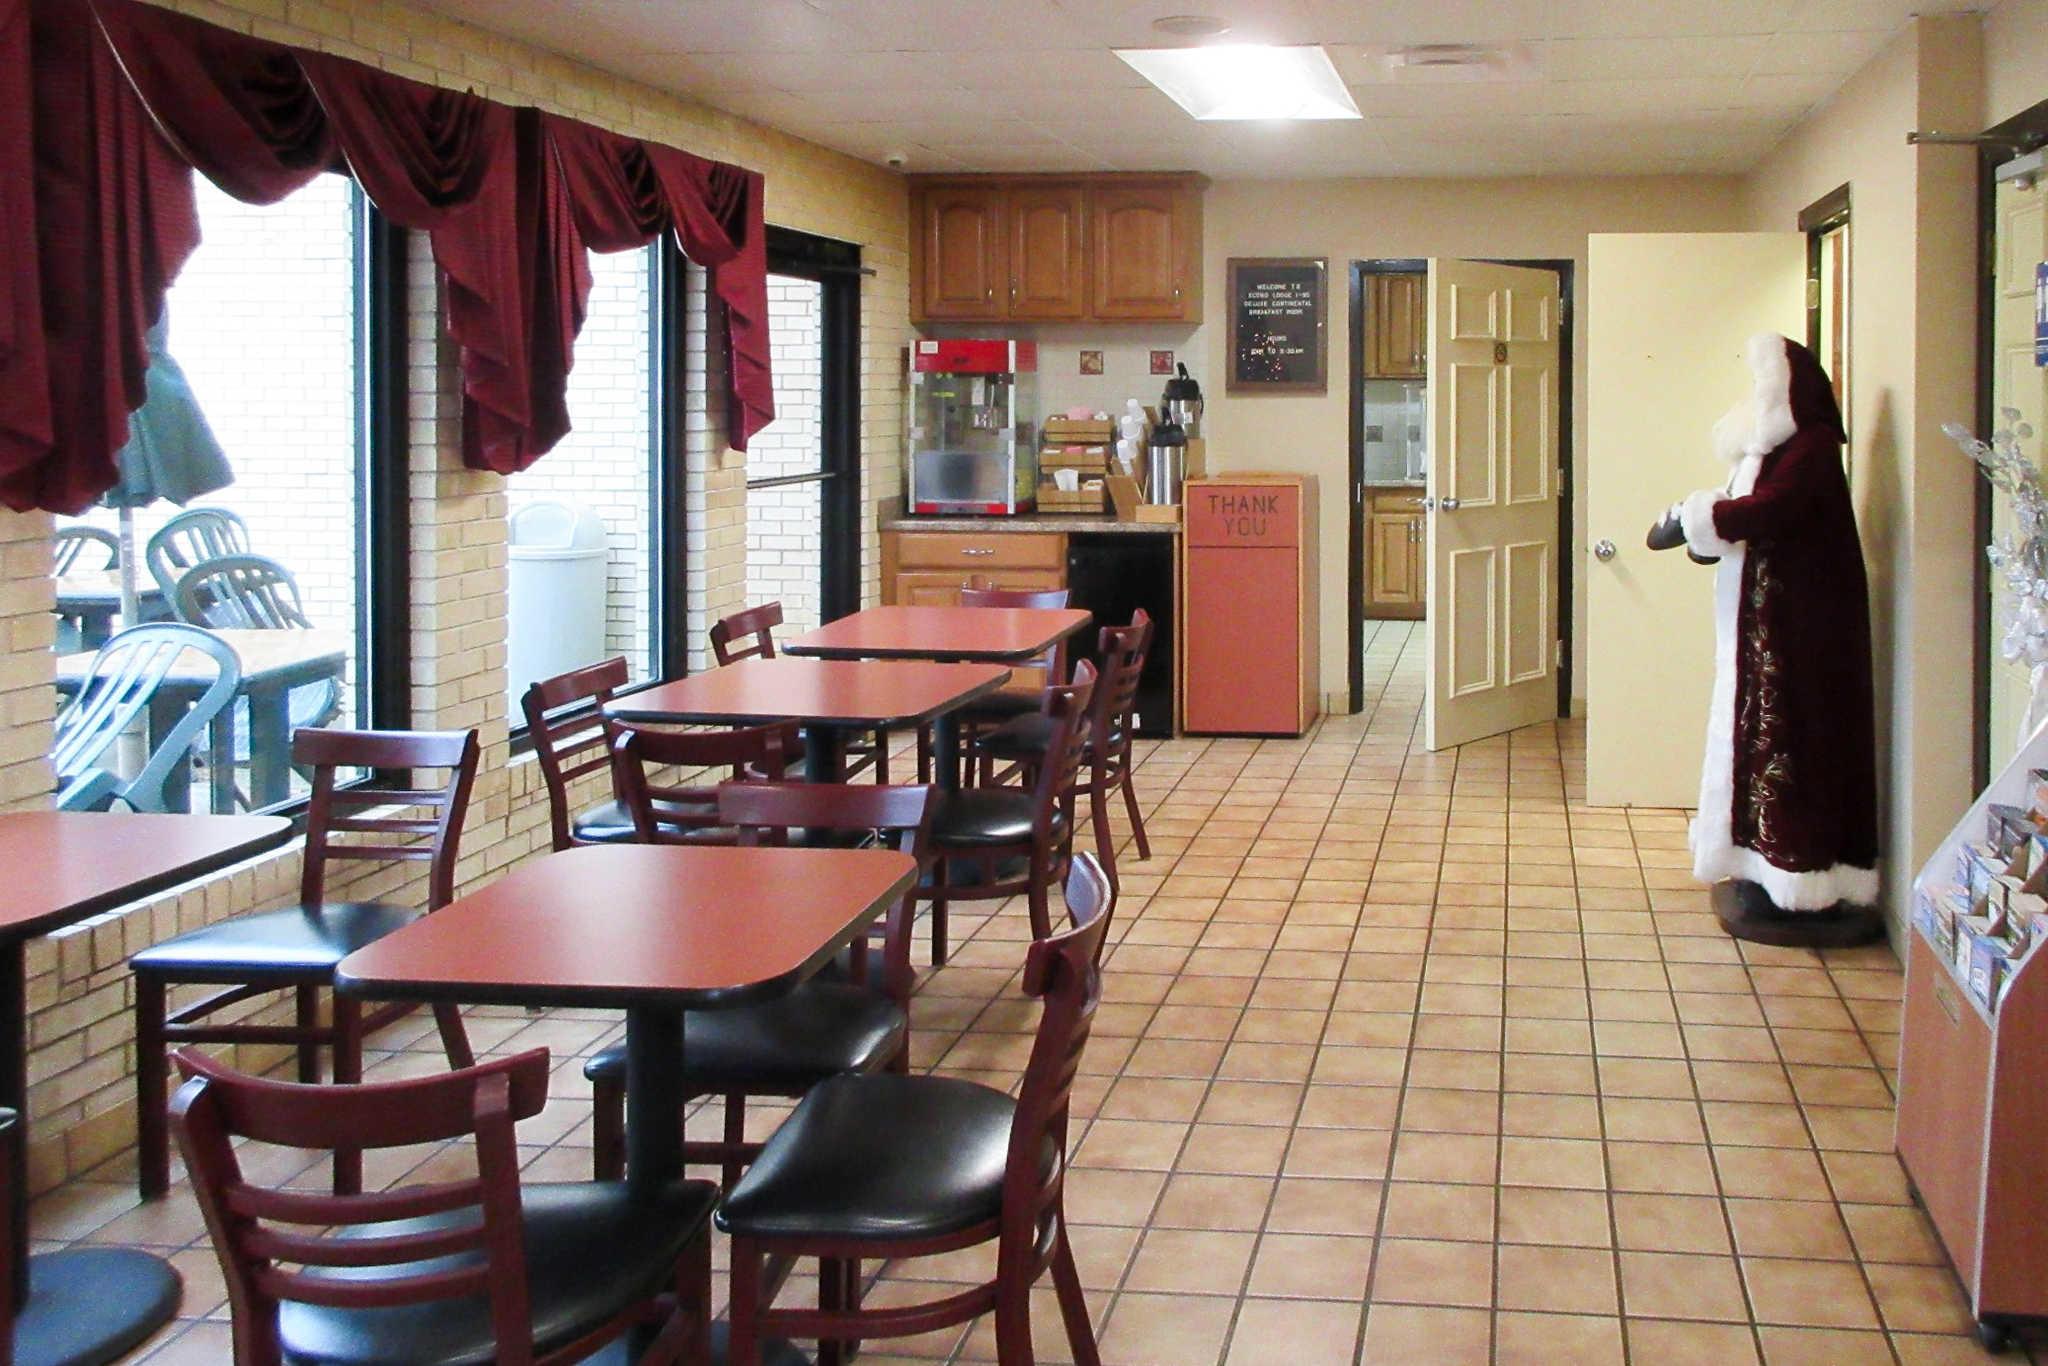 Rodeway inn in fayetteville nc hotels motels yellow for Carolina motor inn fayetteville nc